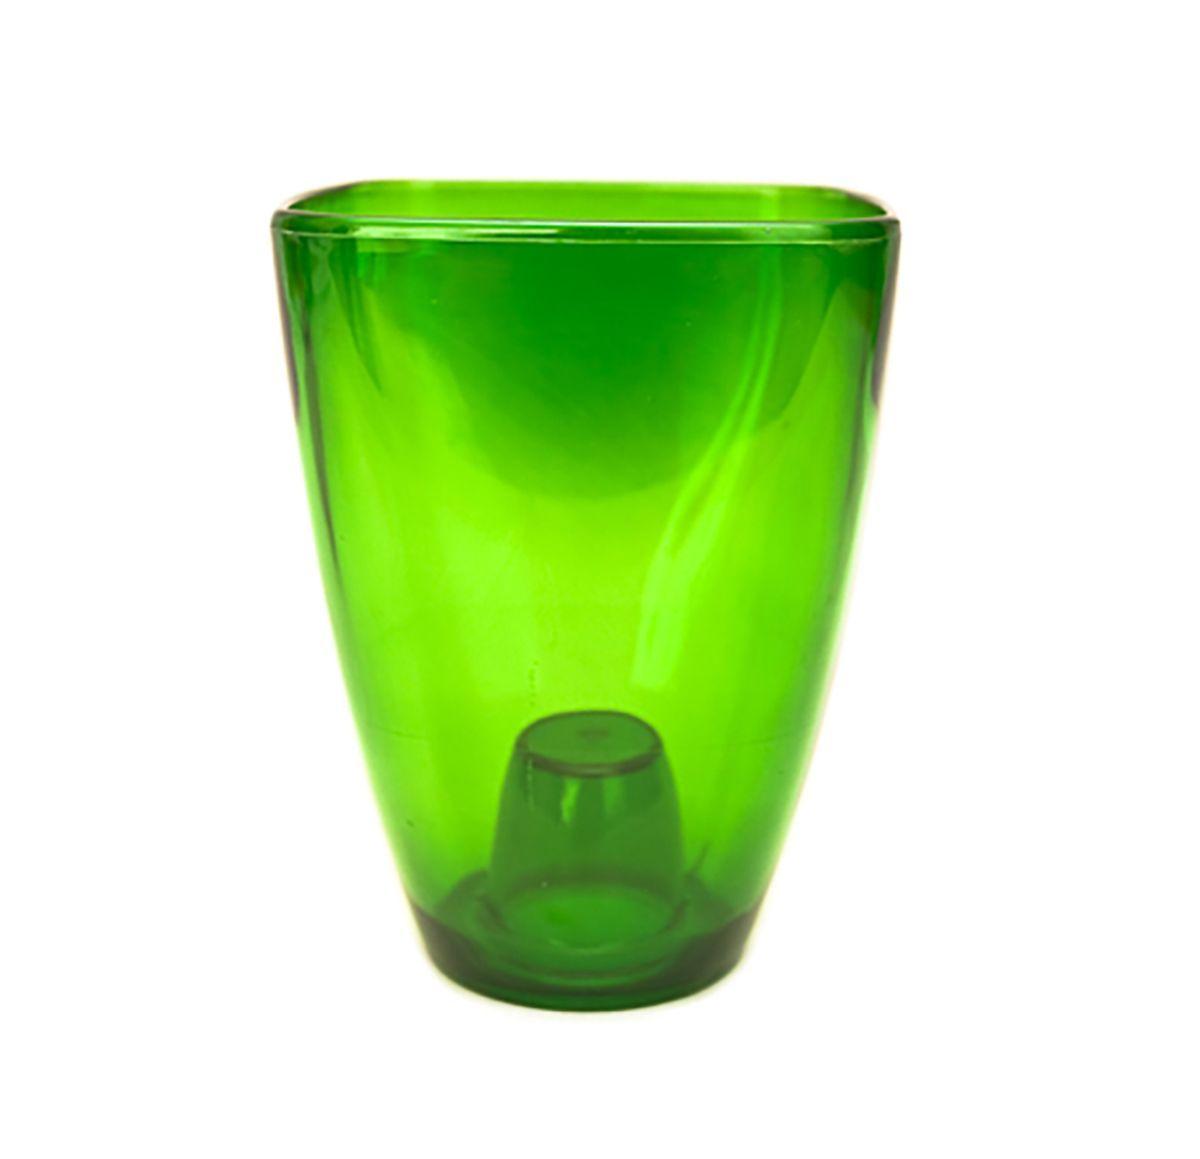 цена на Кашпо для орхидей Form-Plastic Орхидея, цвет: зеленый, 2,8 л